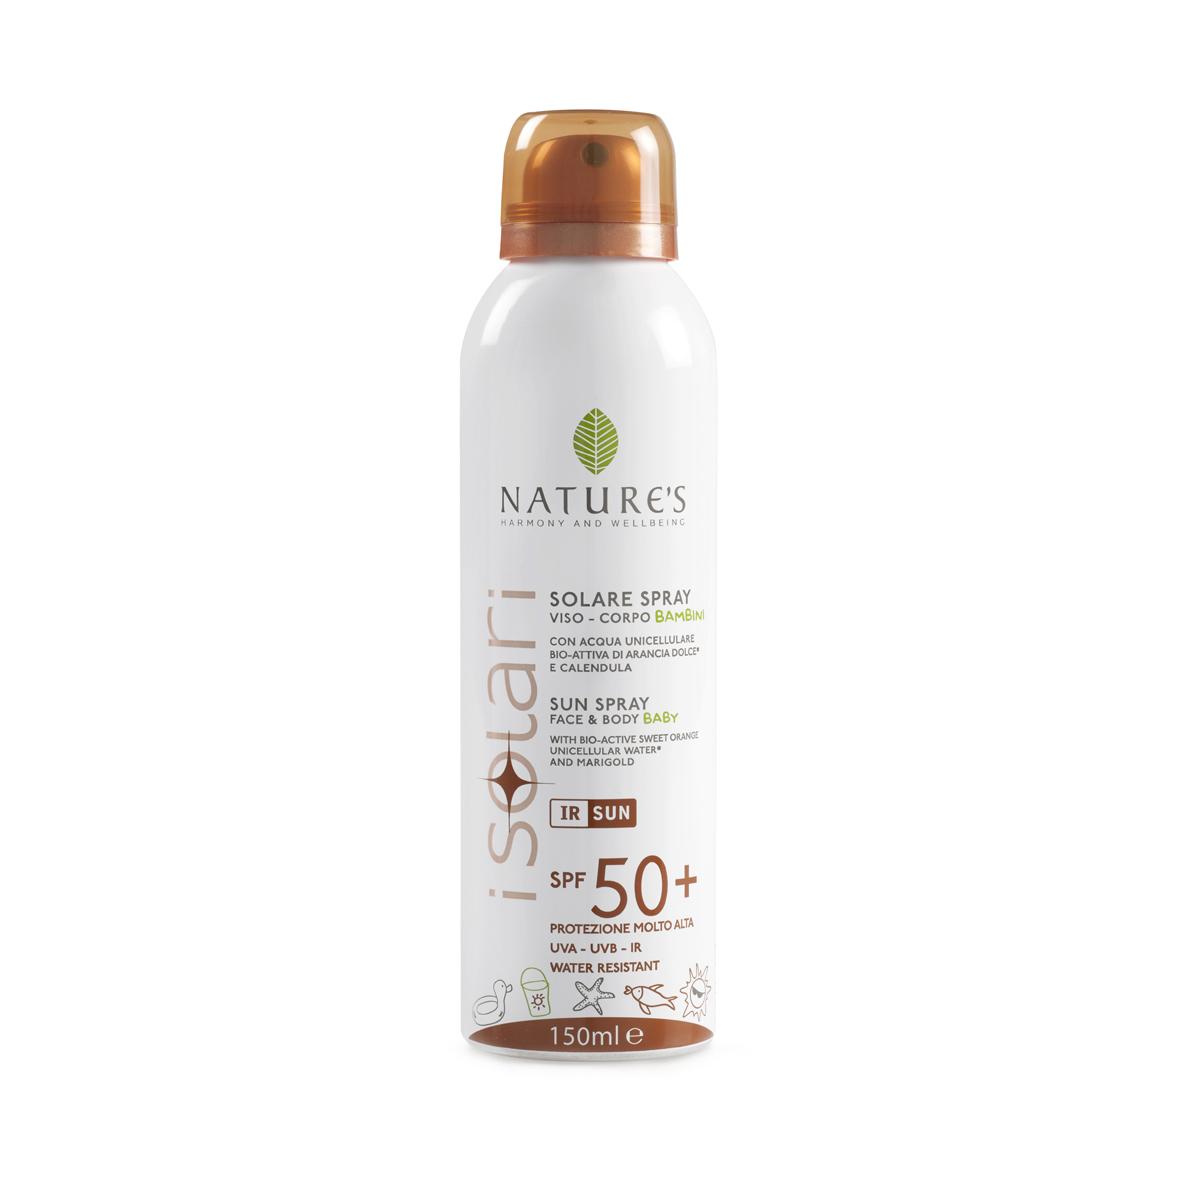 Natures Sun Солнцезащитный спрей для детей SPF 50+, 150 мл09373384516Специальное средство для нежной чувствительной кожи ребенка с высокой степенью защиты от солнечного воздействия. Предотвращает ожоги, покраснения, шелушения, потерю влаги и другие повреждения кожи, сохраняя естественный гидролипидный баланс.Спрей с био-активными компонентами: экстрактами сладкого апельсина и календулы, уницилярной водой, рисовым молочком, комплексом защиты от инфракрасного излучения оказывает интенсивное смягчающее действие, способствуя постепенной адаптации кожи ребенка к солнечному свету.Растительный меланин обеспечивает ровный загар. НЕ СОДЕРЖИТ СПИРТ. Водостойкий. Прошел дерматологические тесты и тесты на содержание никеля.